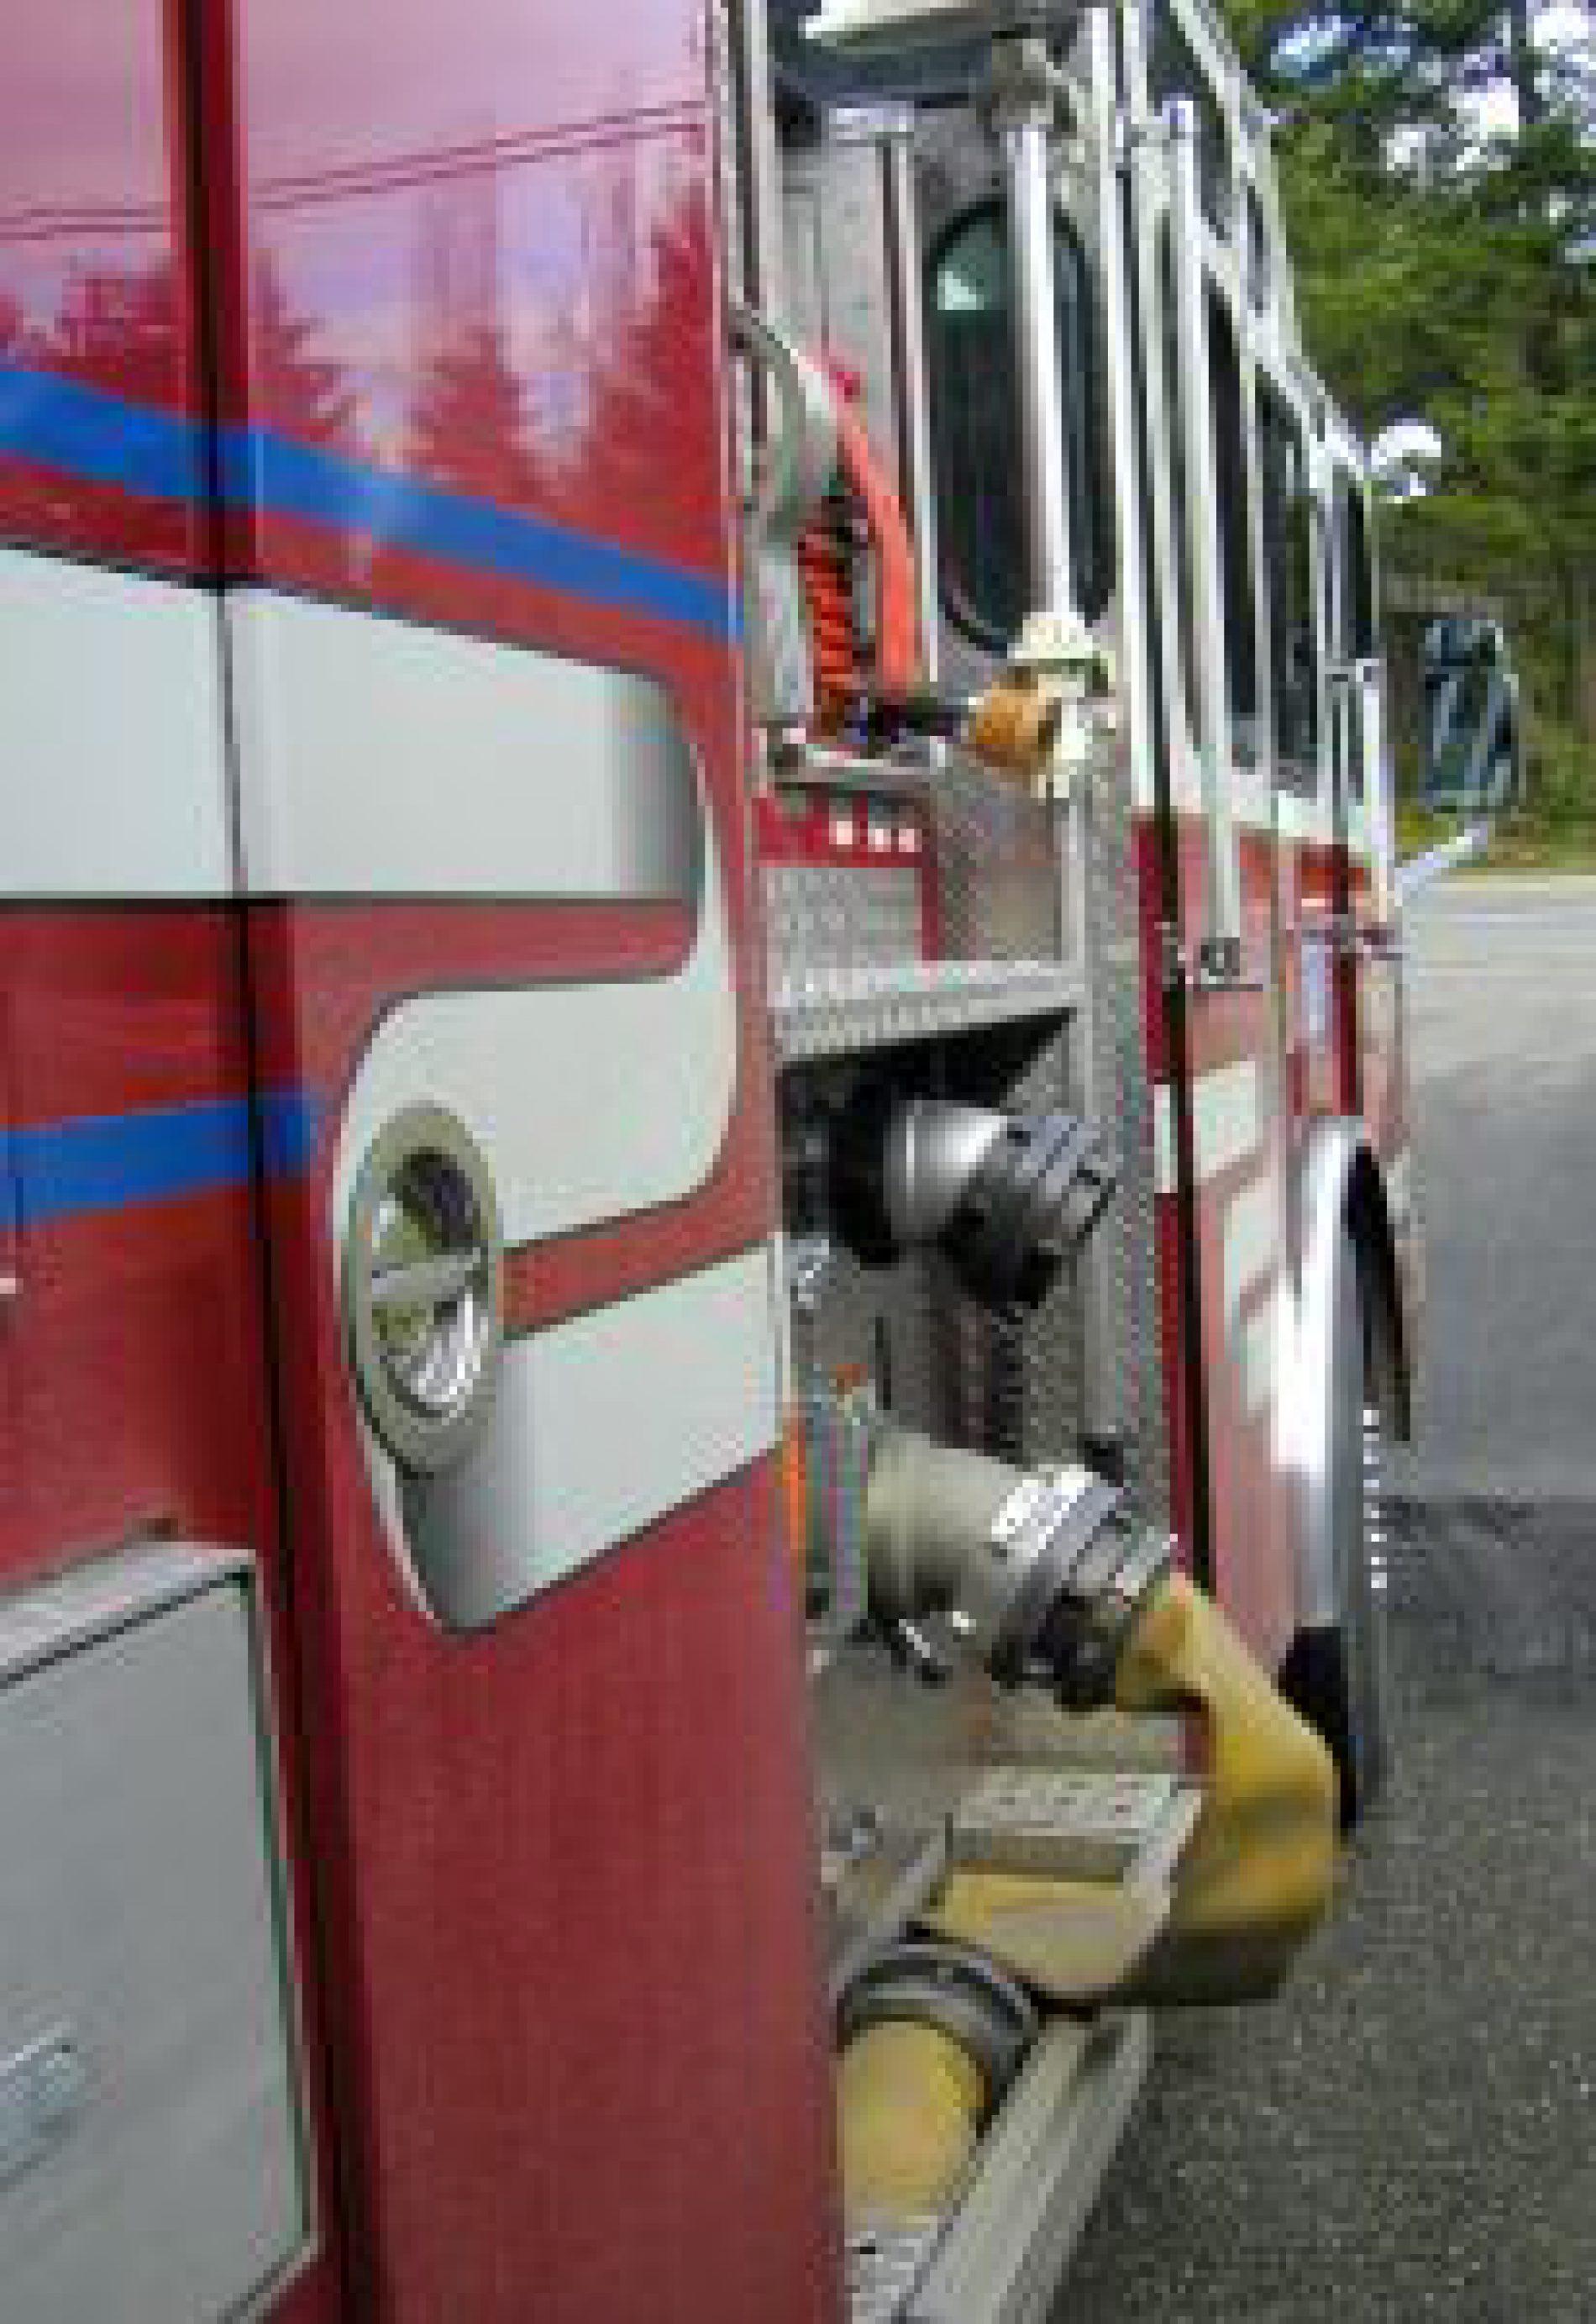 W ciągu ostatniej doby strażacy interweniowali ponad 250 razy